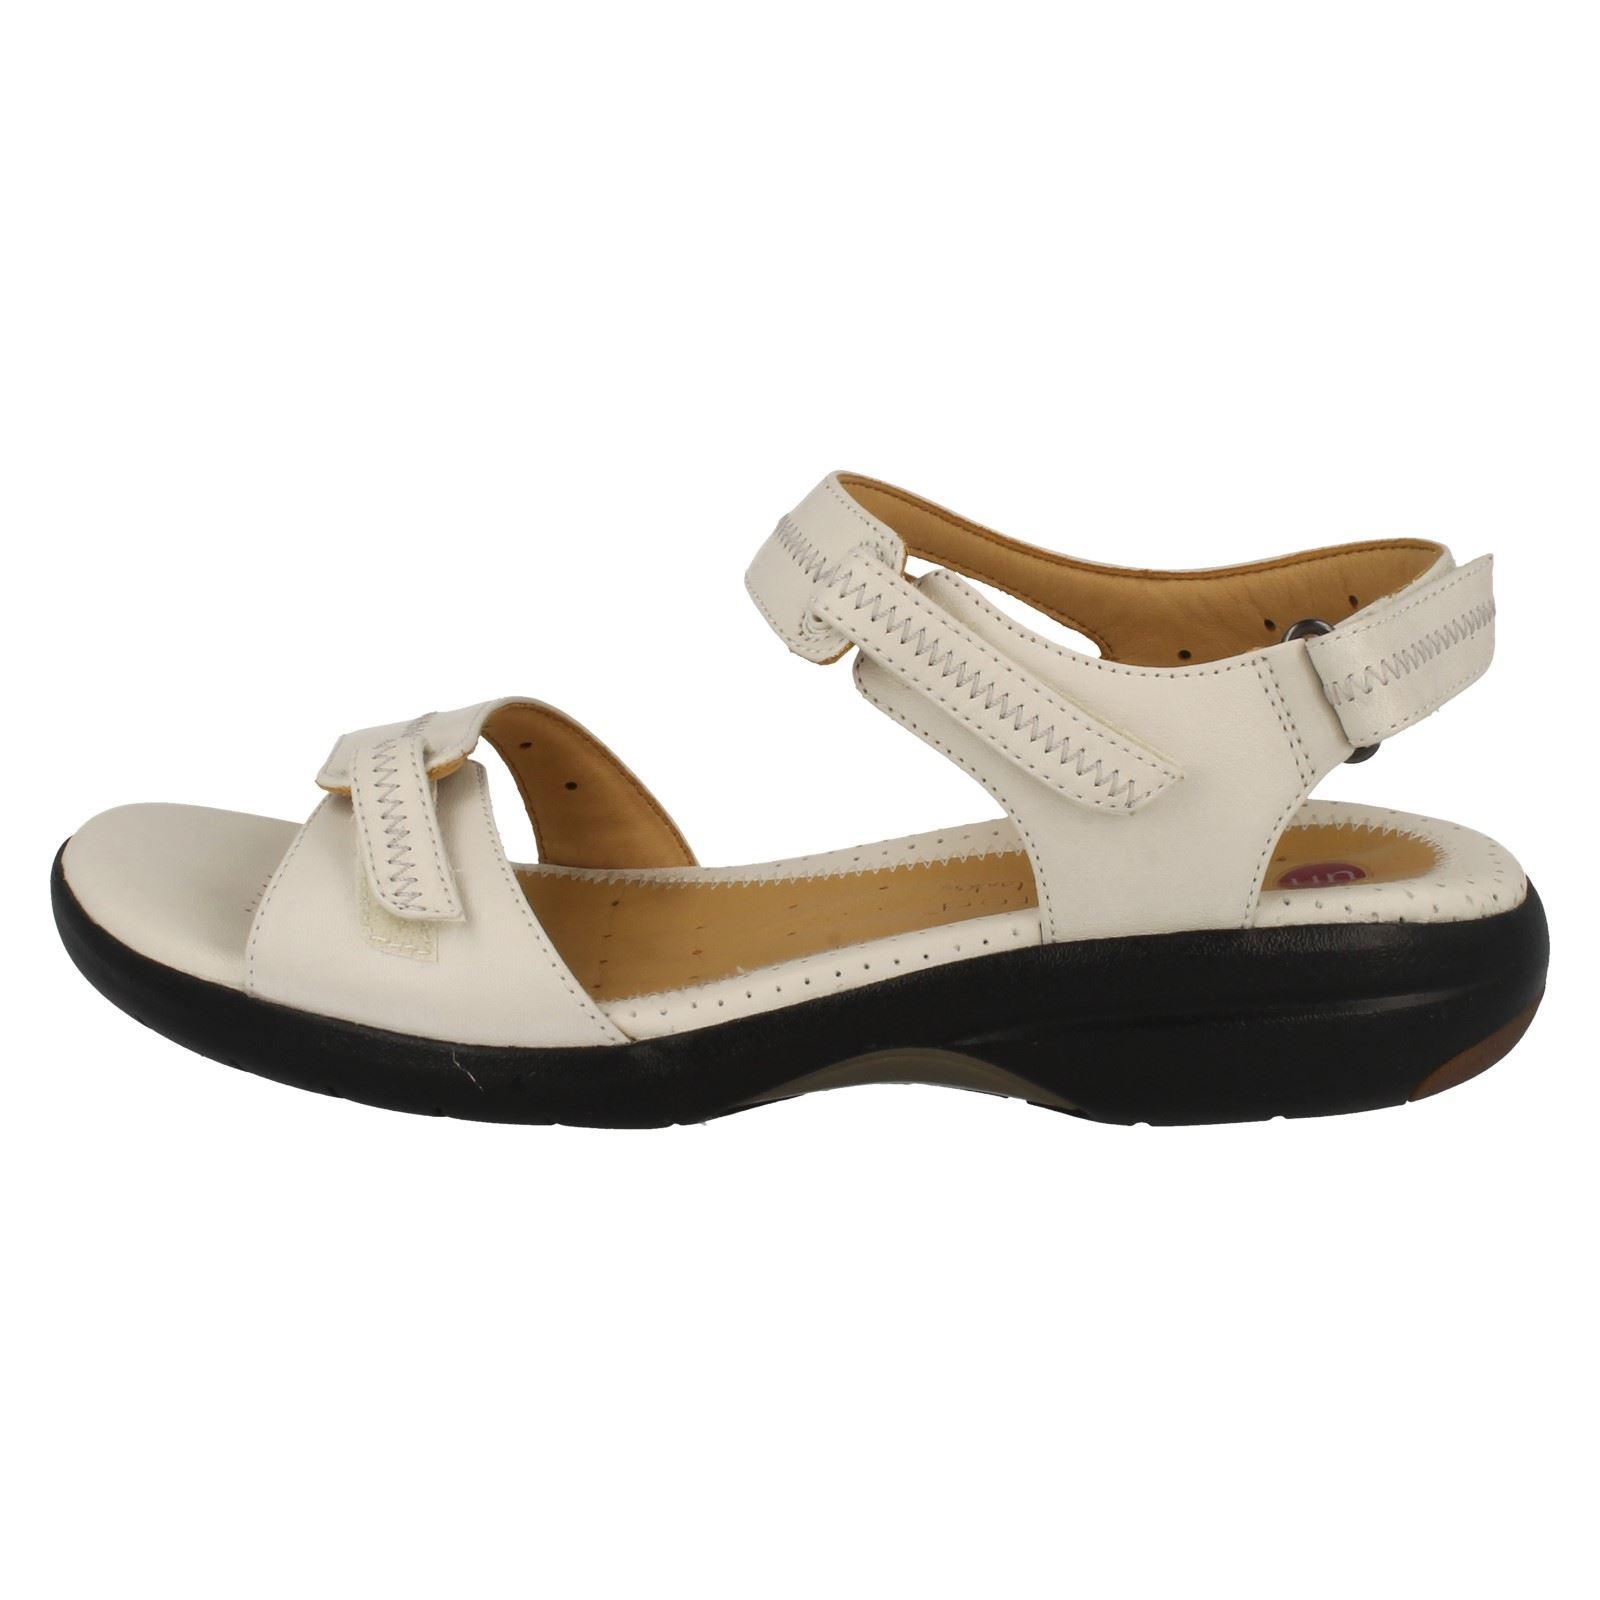 Ladies Clarks Unstructured Summer Sandals Un Galleon Ebay